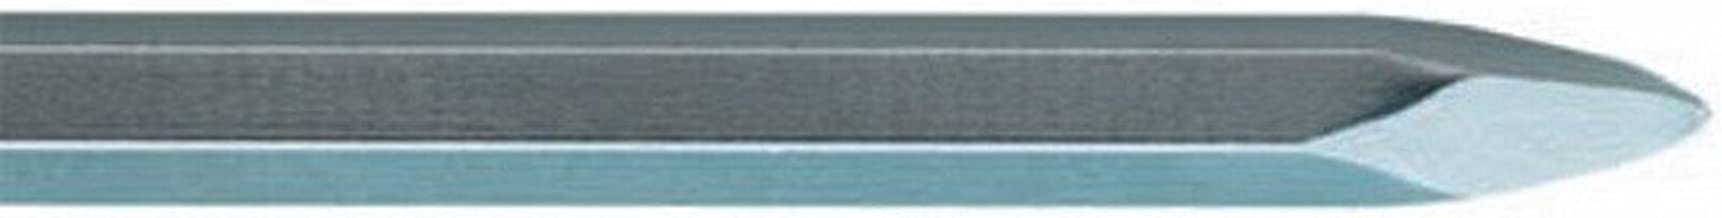 Drill Bit Hss-Co 8 5mmx4.6In P-61715